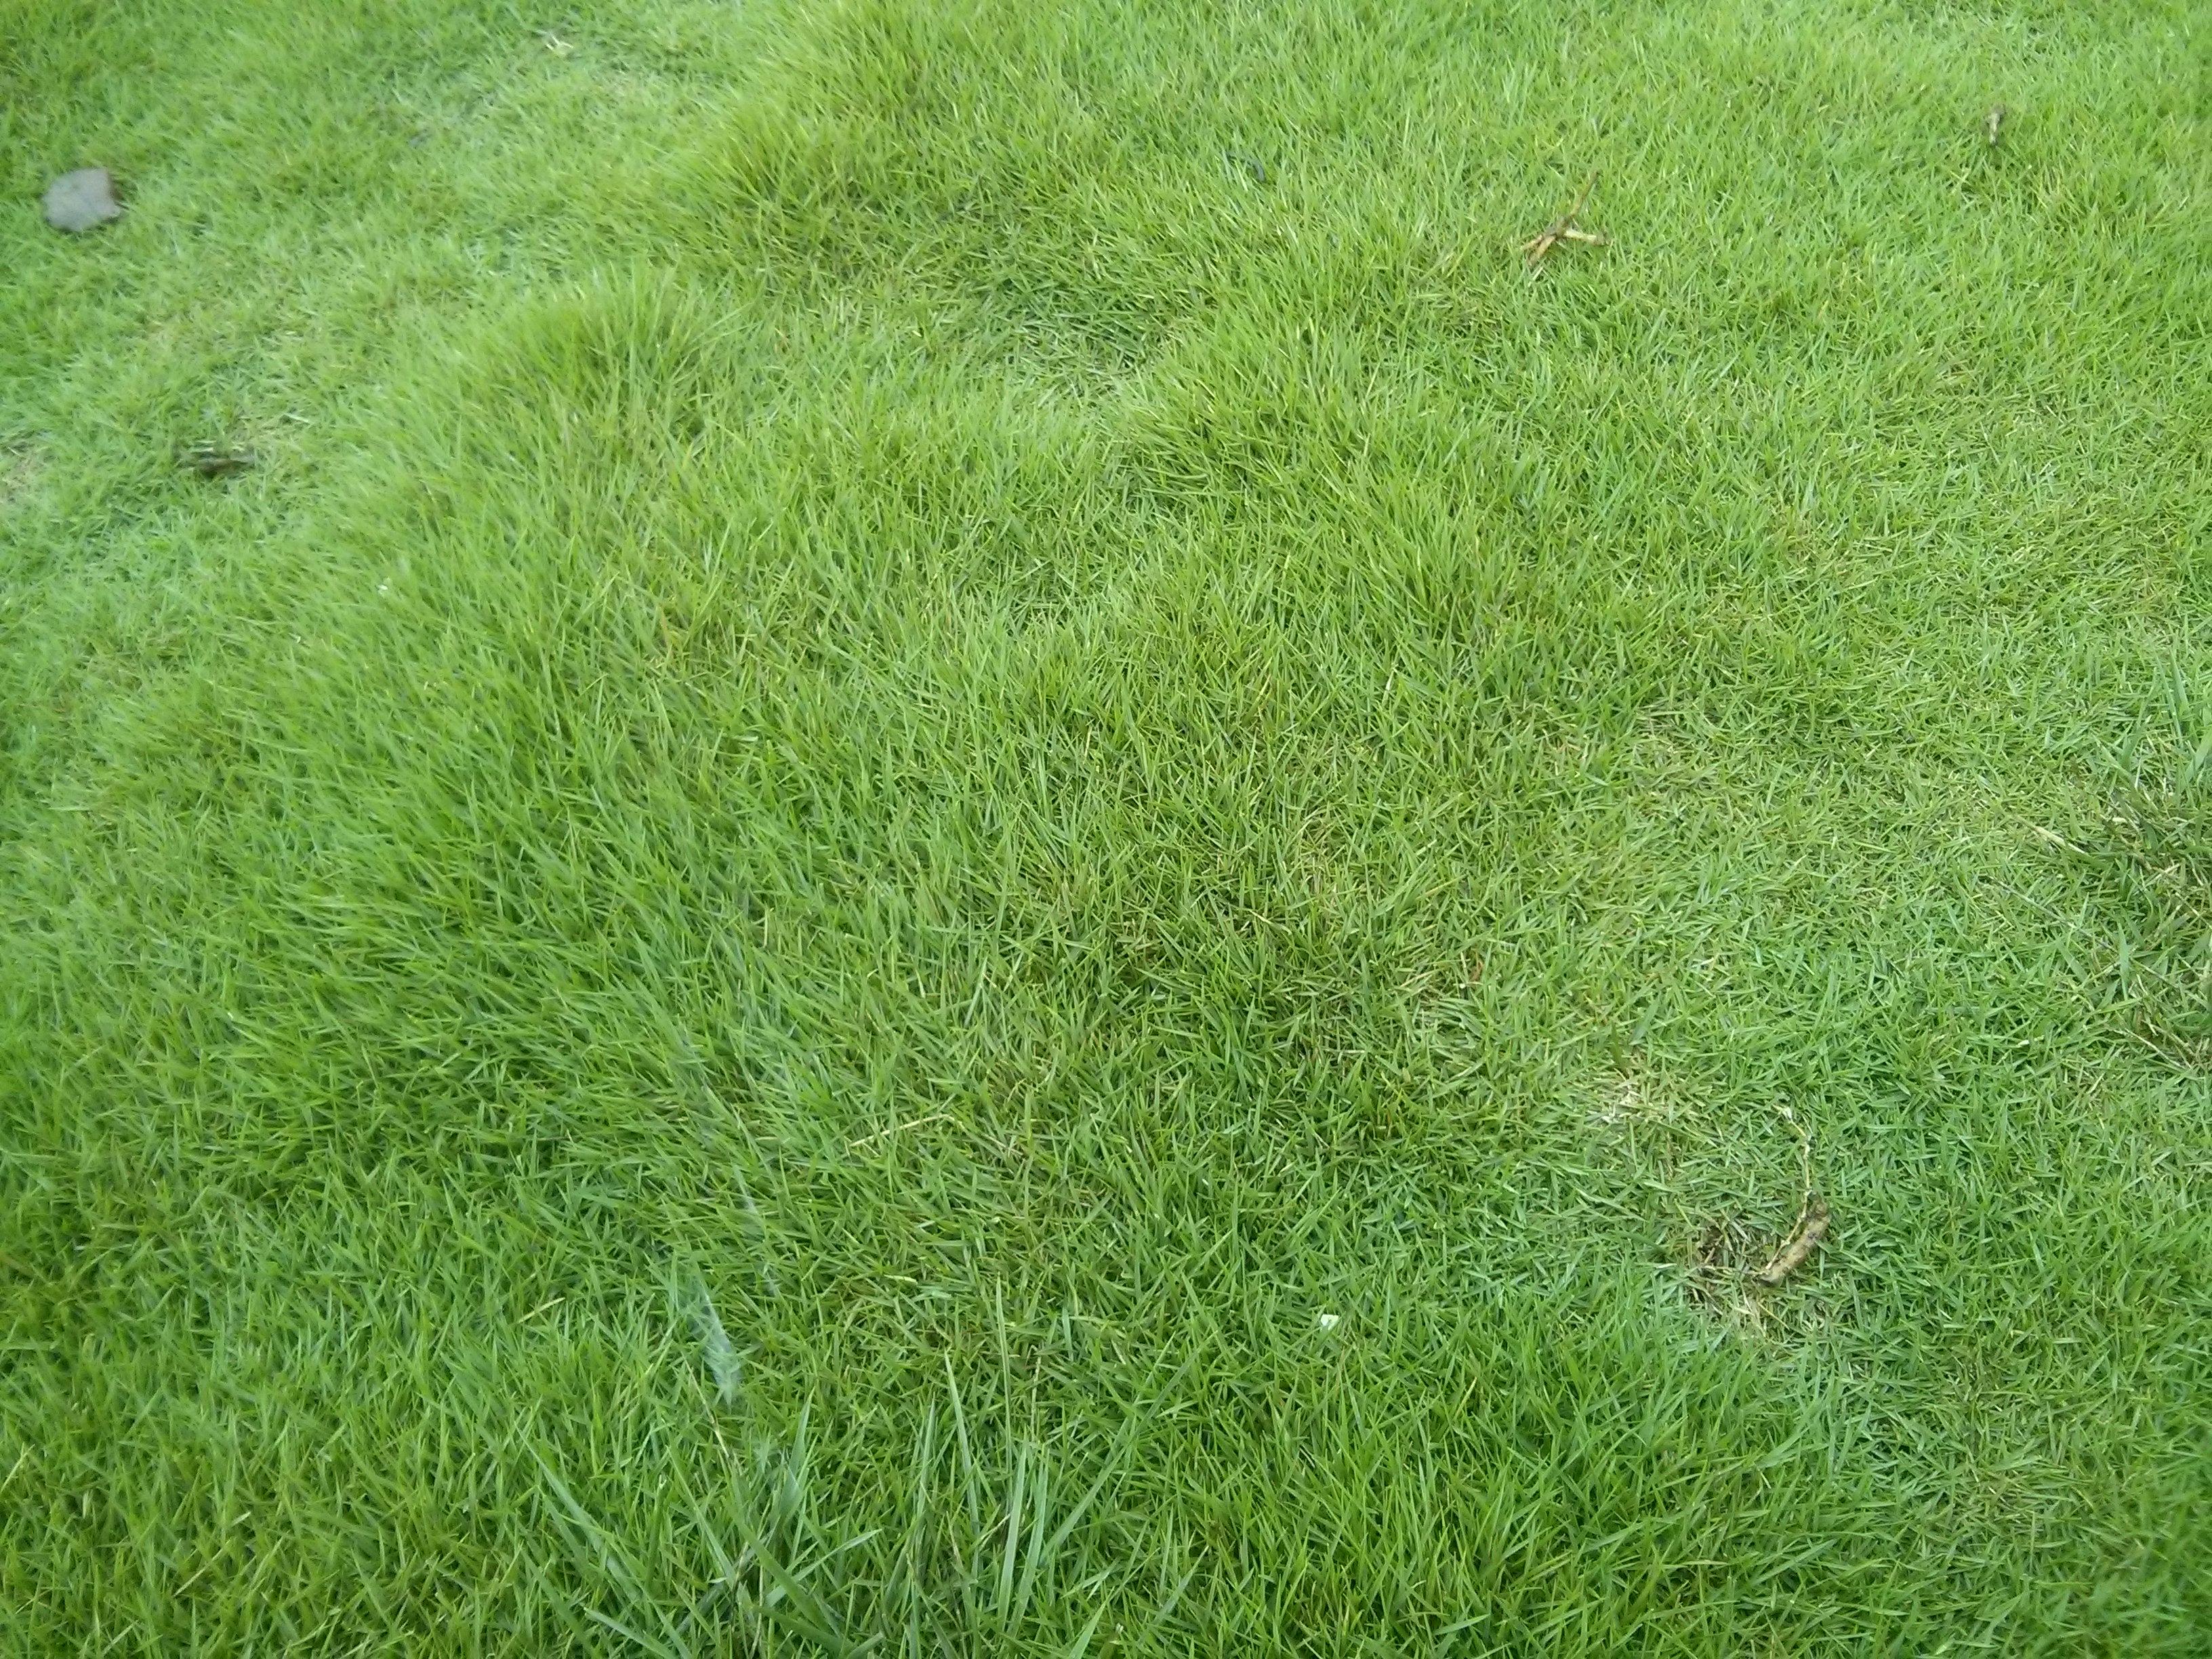 山东地区常用的草坪品种有哪些?